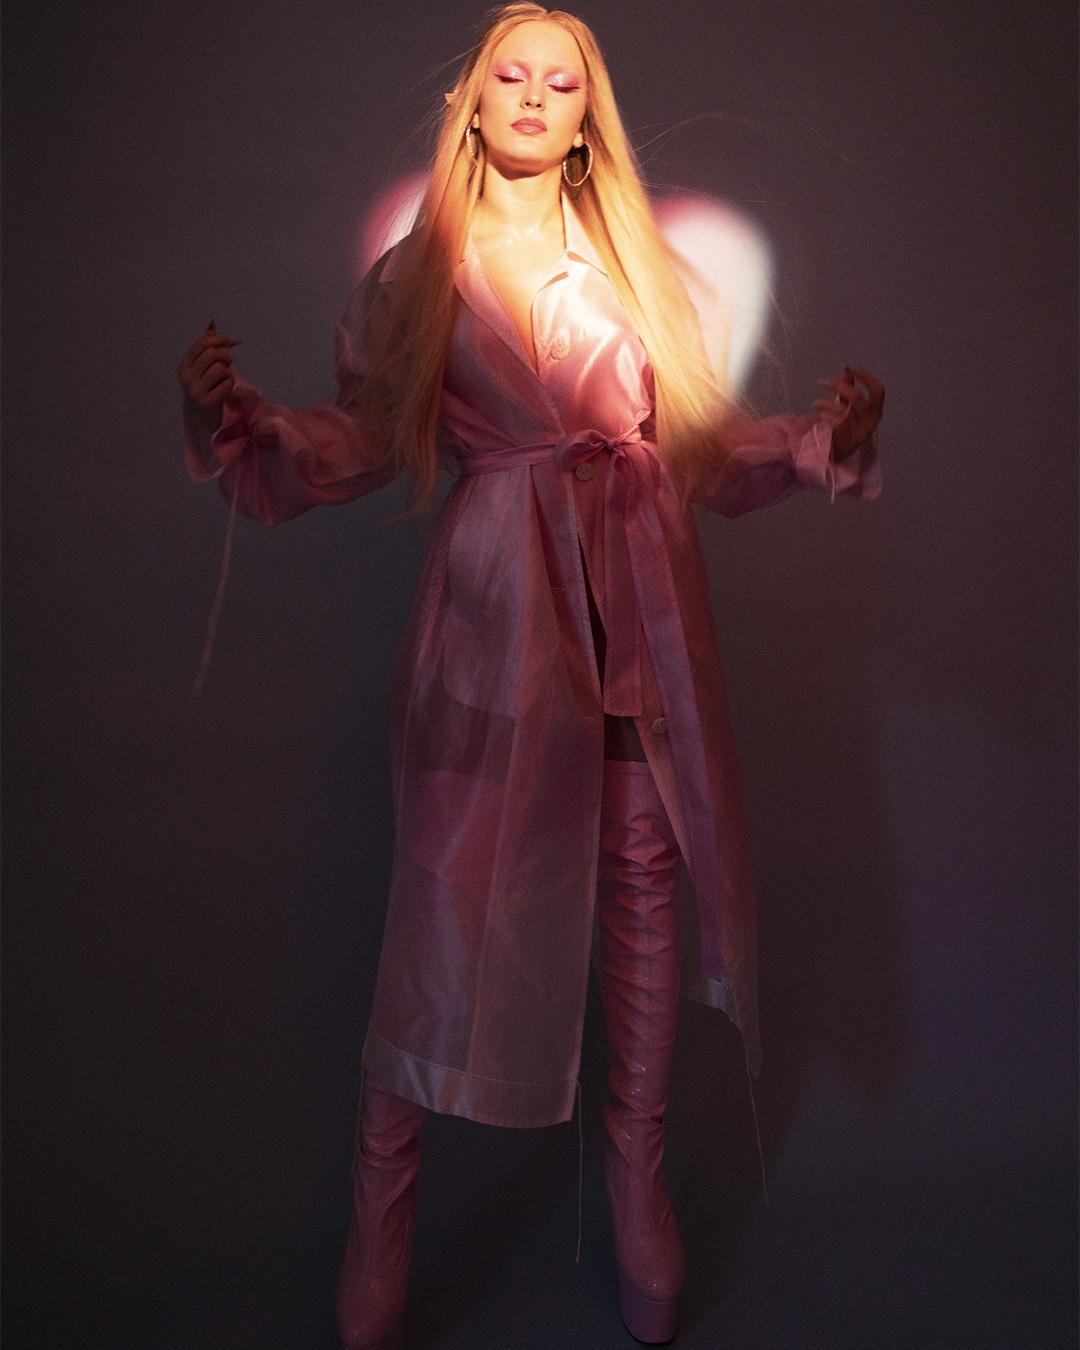 Zara-Larsson-by-Arvida-Bystrom-DIY-Magaz